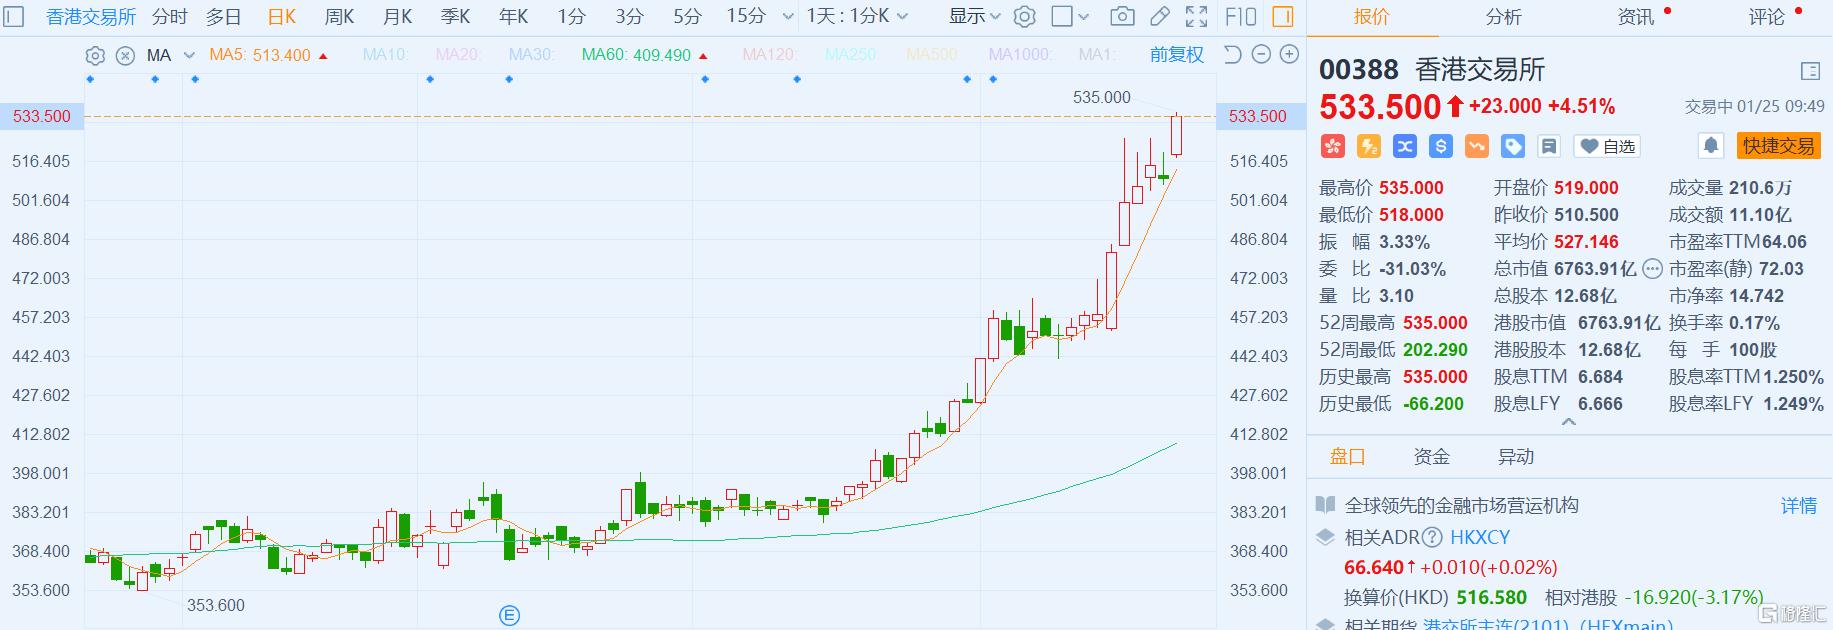 港股异动丨港交所(0388.HK)涨4.51%再创新高 上交所科创板A股2月1日起纳沪股通